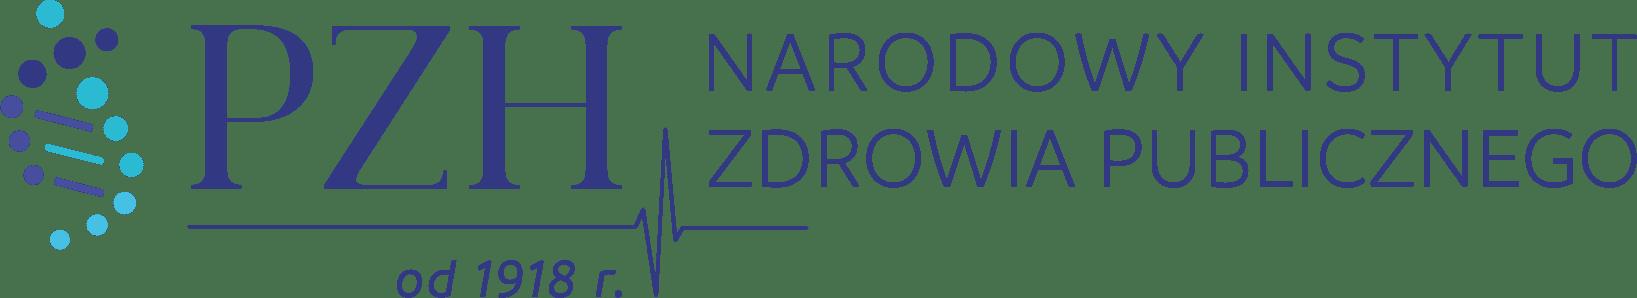 Logo NIZP-PZH